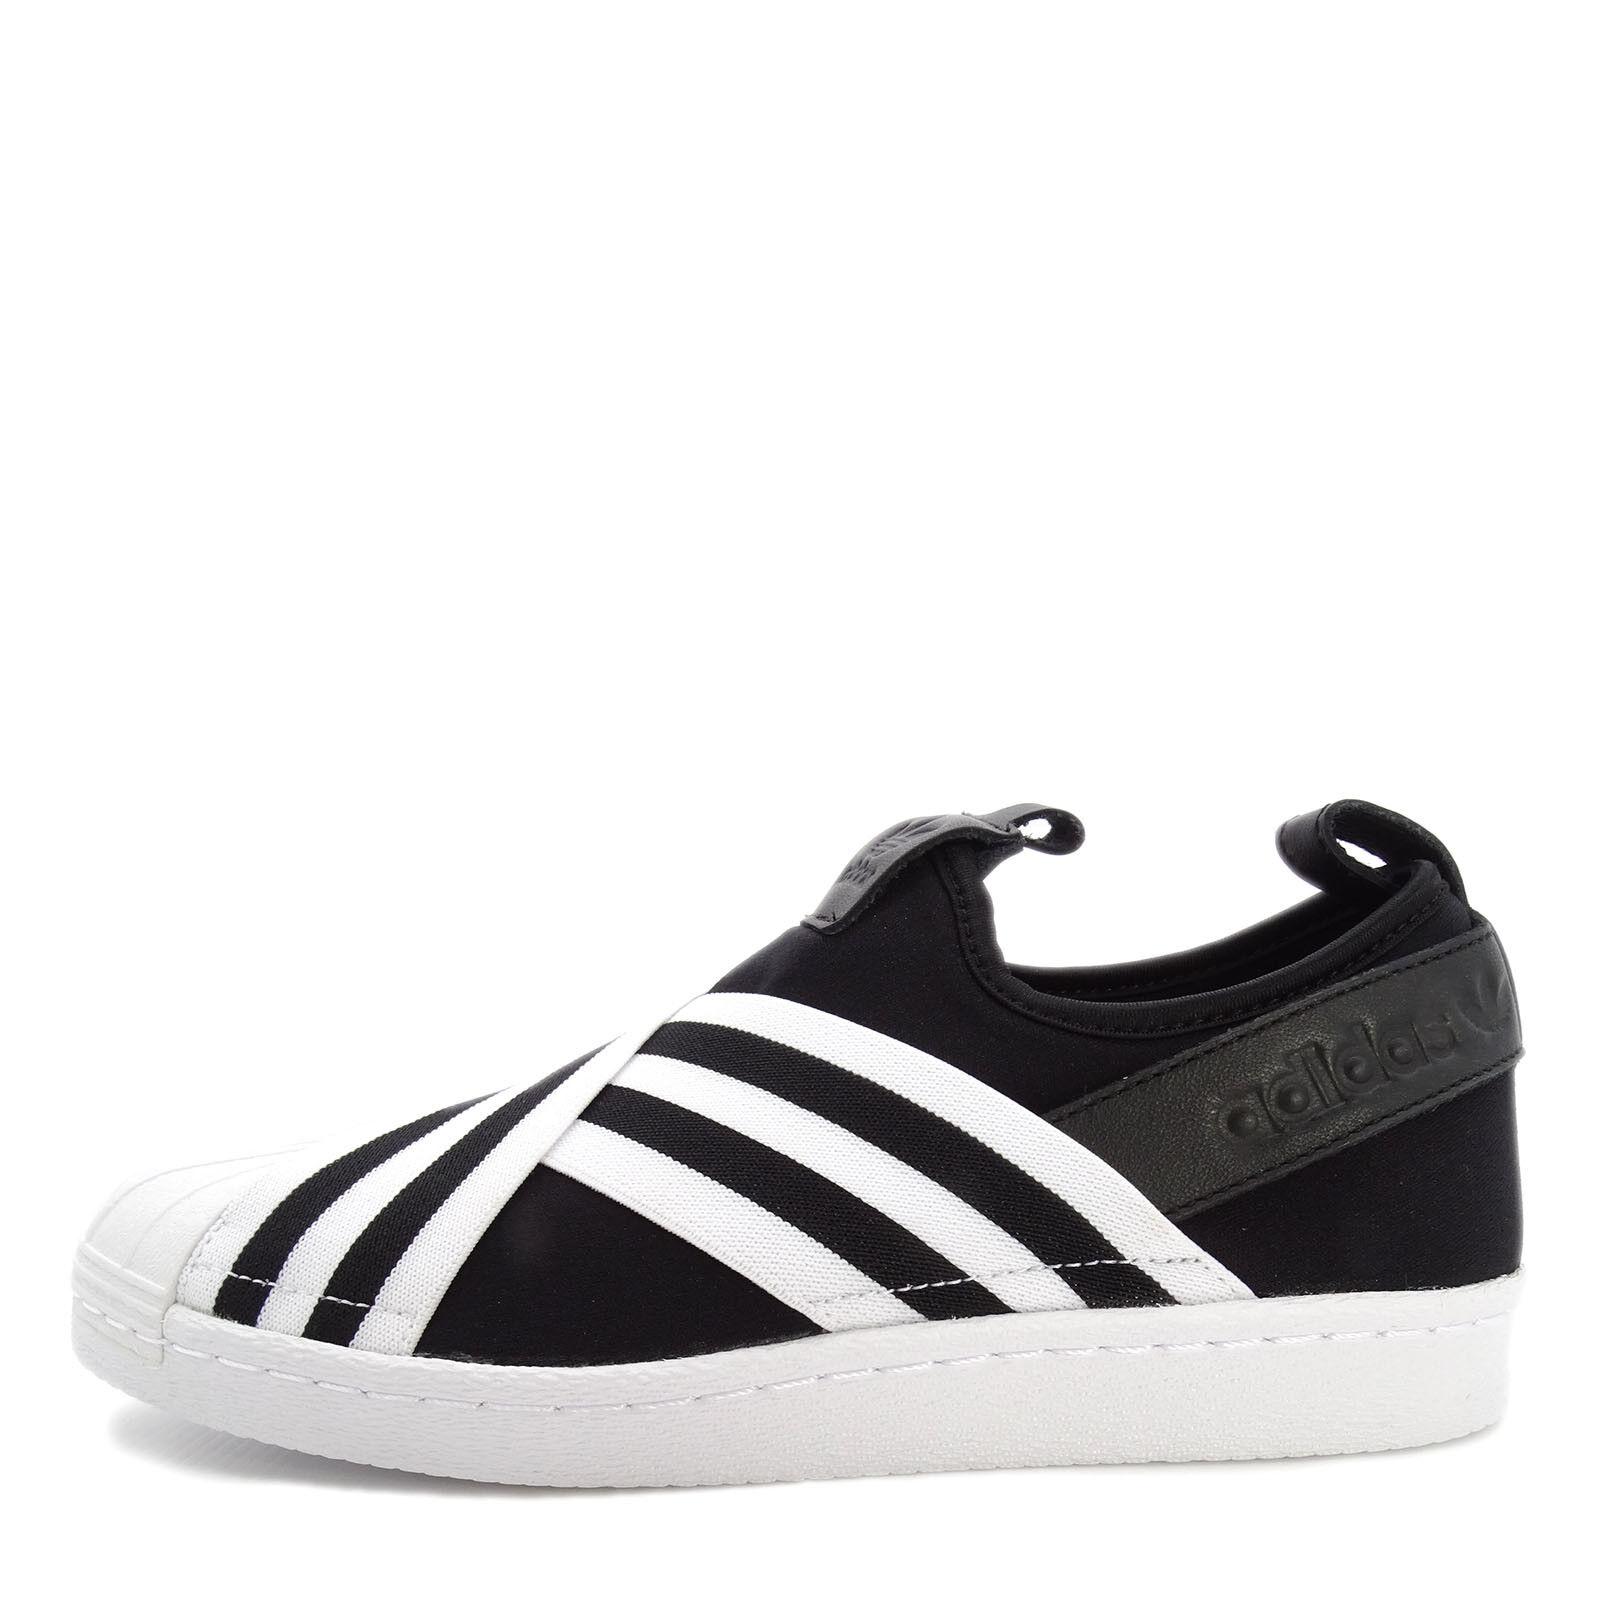 Adidas Originals Superstar Slipon W [AC8582] Women Casual shoes Black White